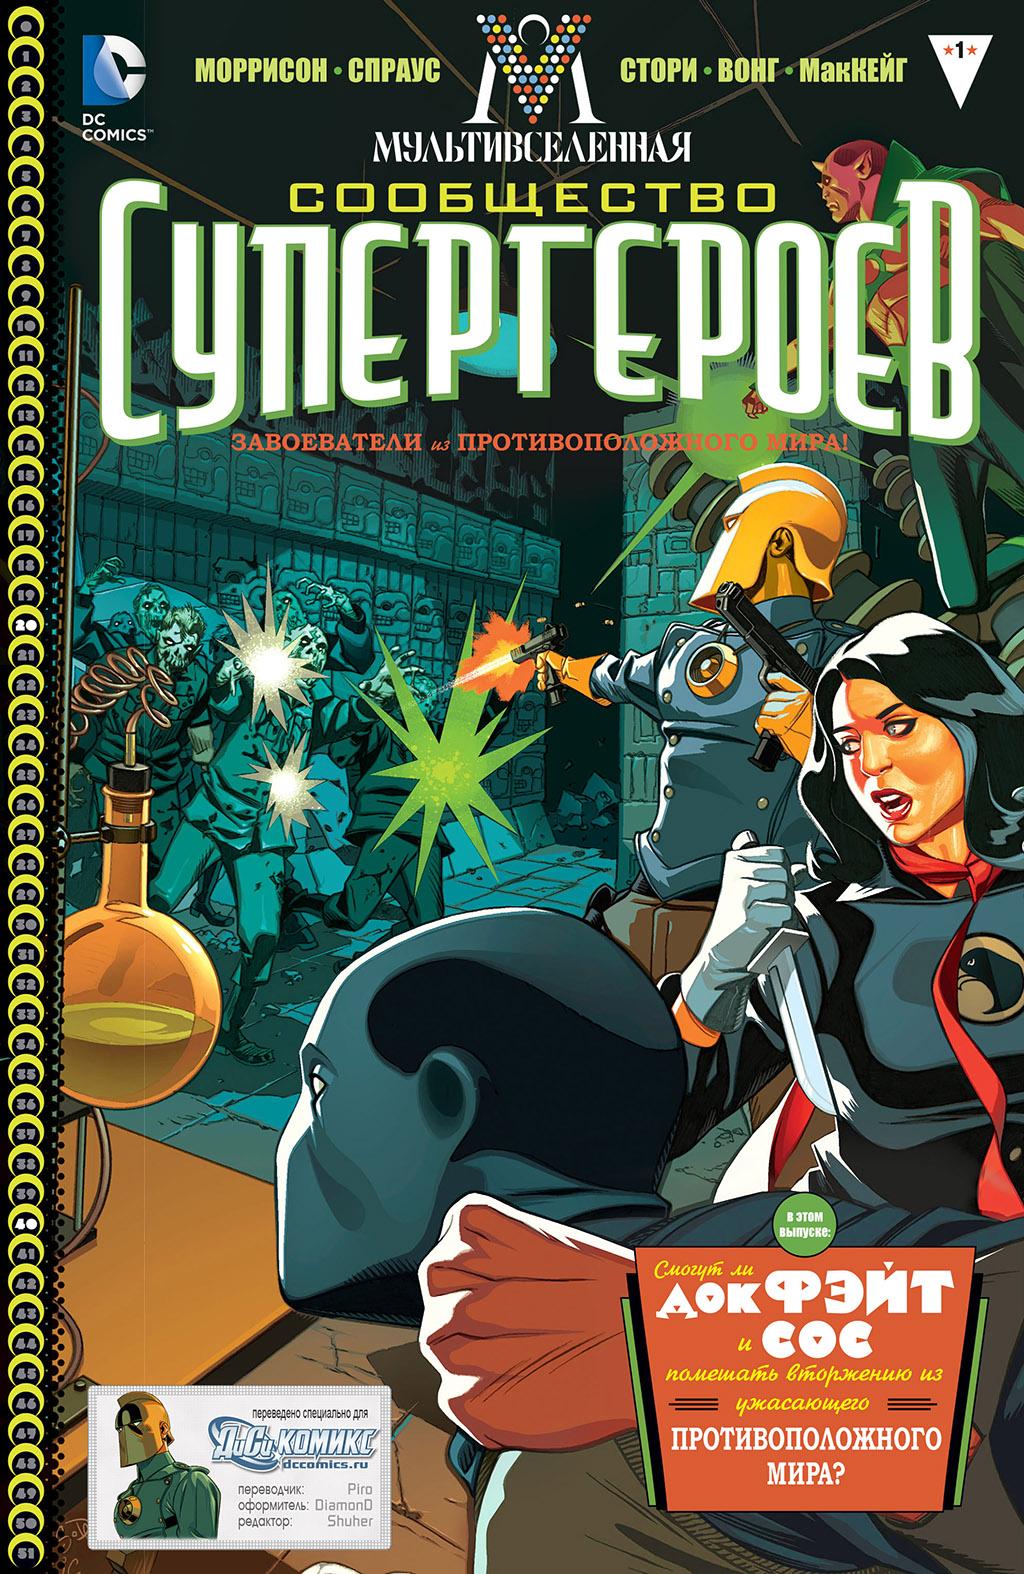 Комикс Мультивселенная: Сообщество супергероев